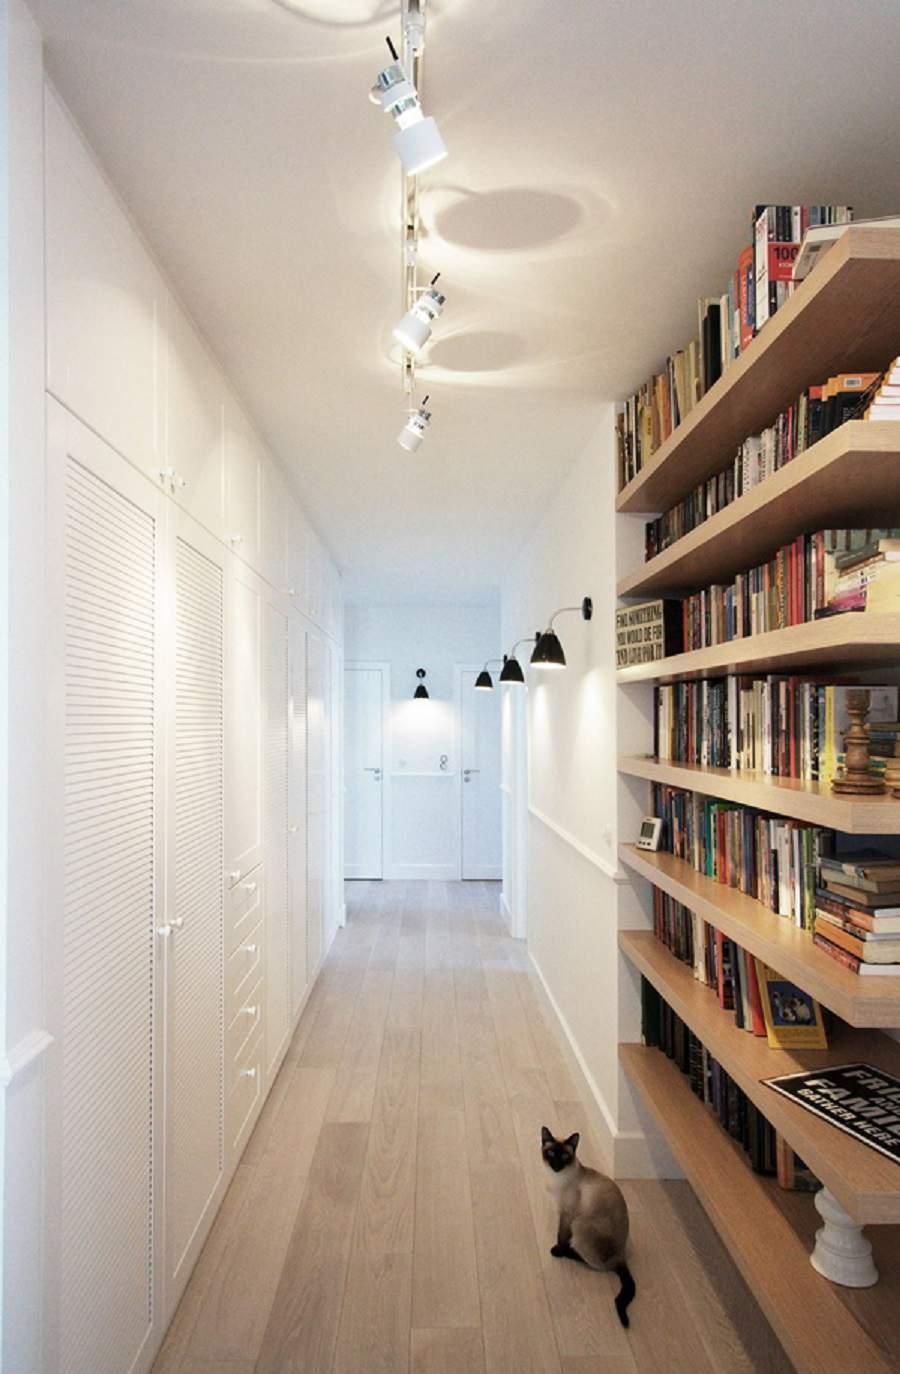 Thiết kế nội thất biệt thự hiện đại đẹp nhất thế giới đẹp hiện đại